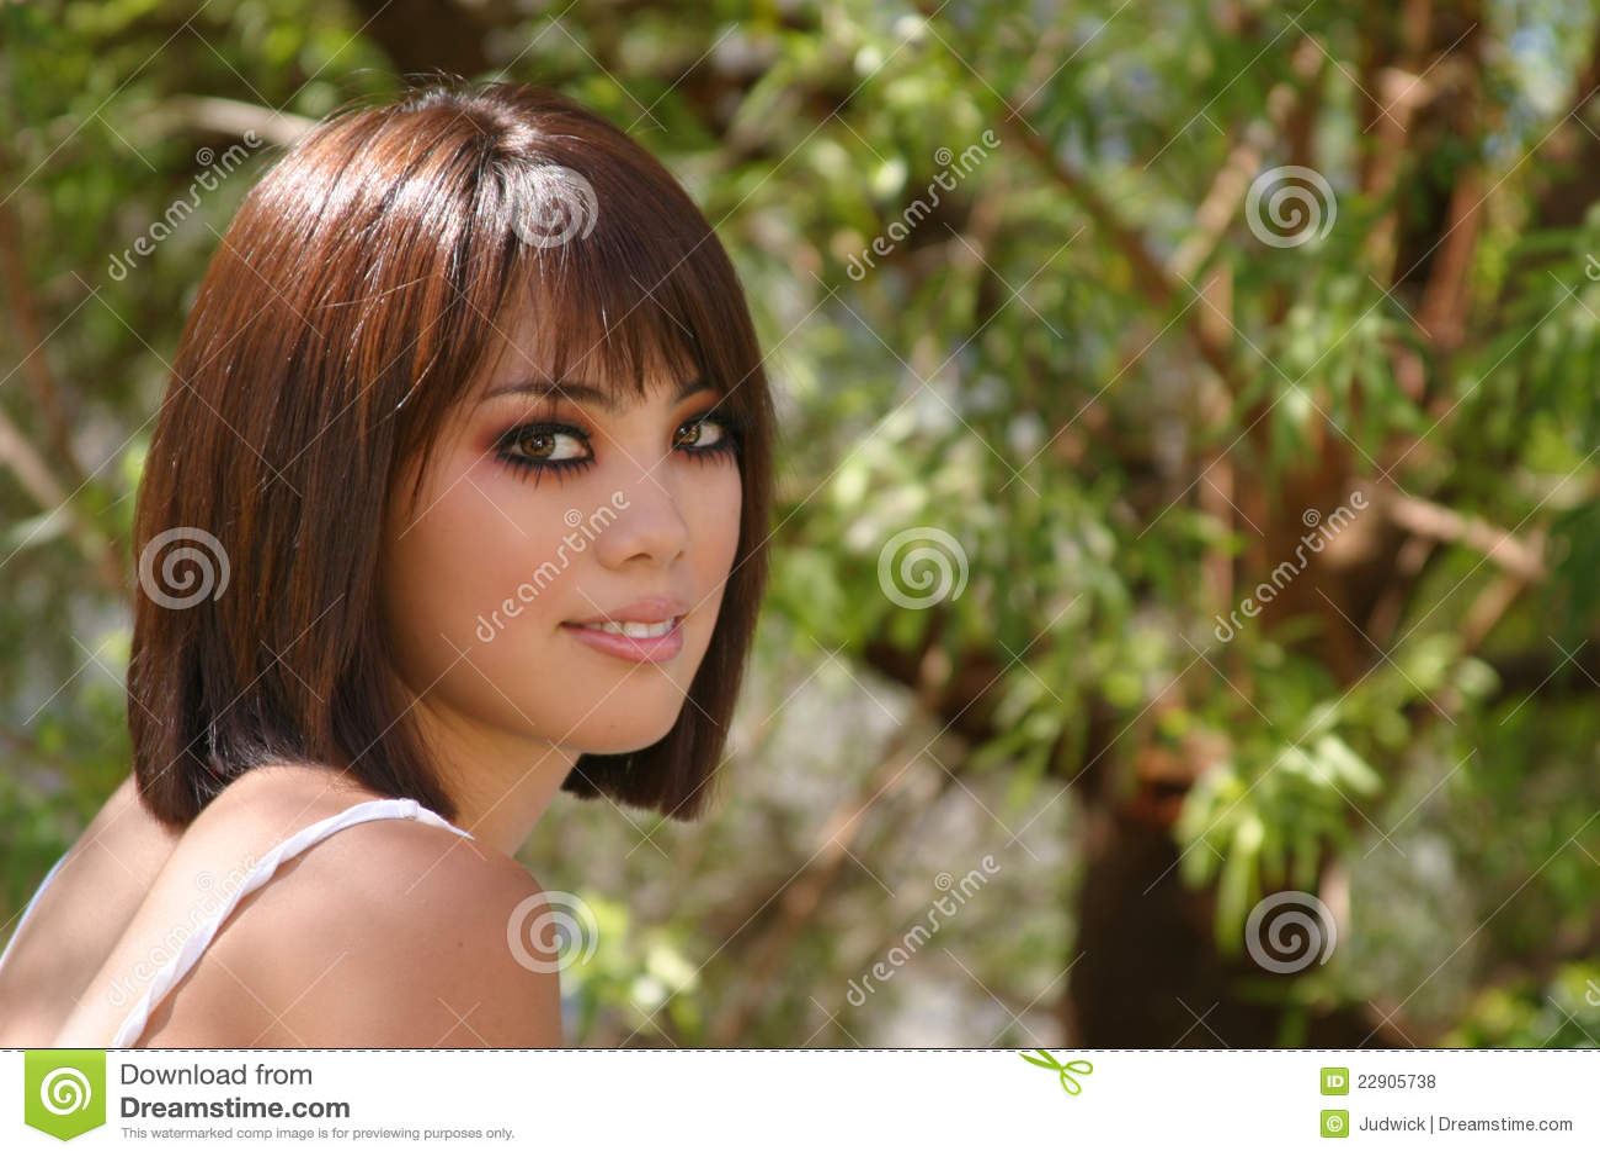 femme assez asiatique photos libres de droits image 22905738. Black Bedroom Furniture Sets. Home Design Ideas